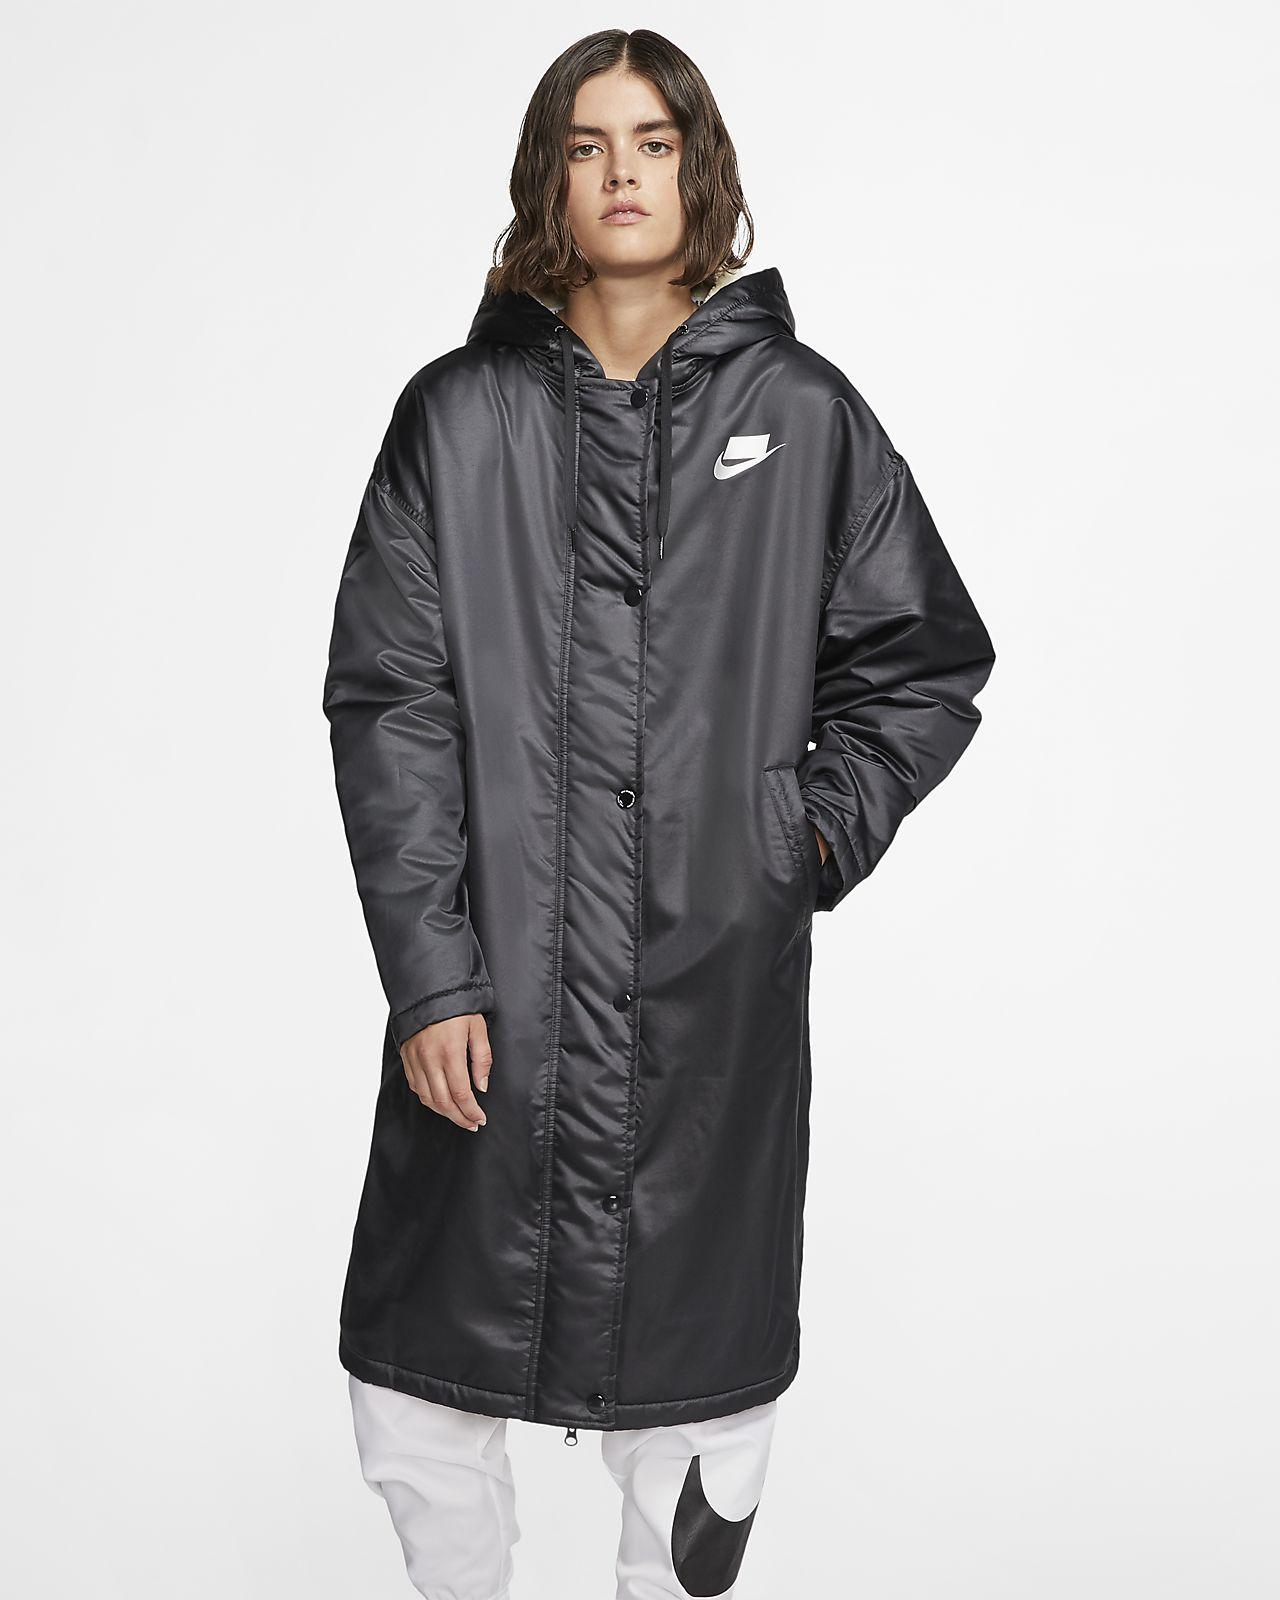 Nike Sportswear Nike Sport Pack Women's Synthetic-Fill Parka